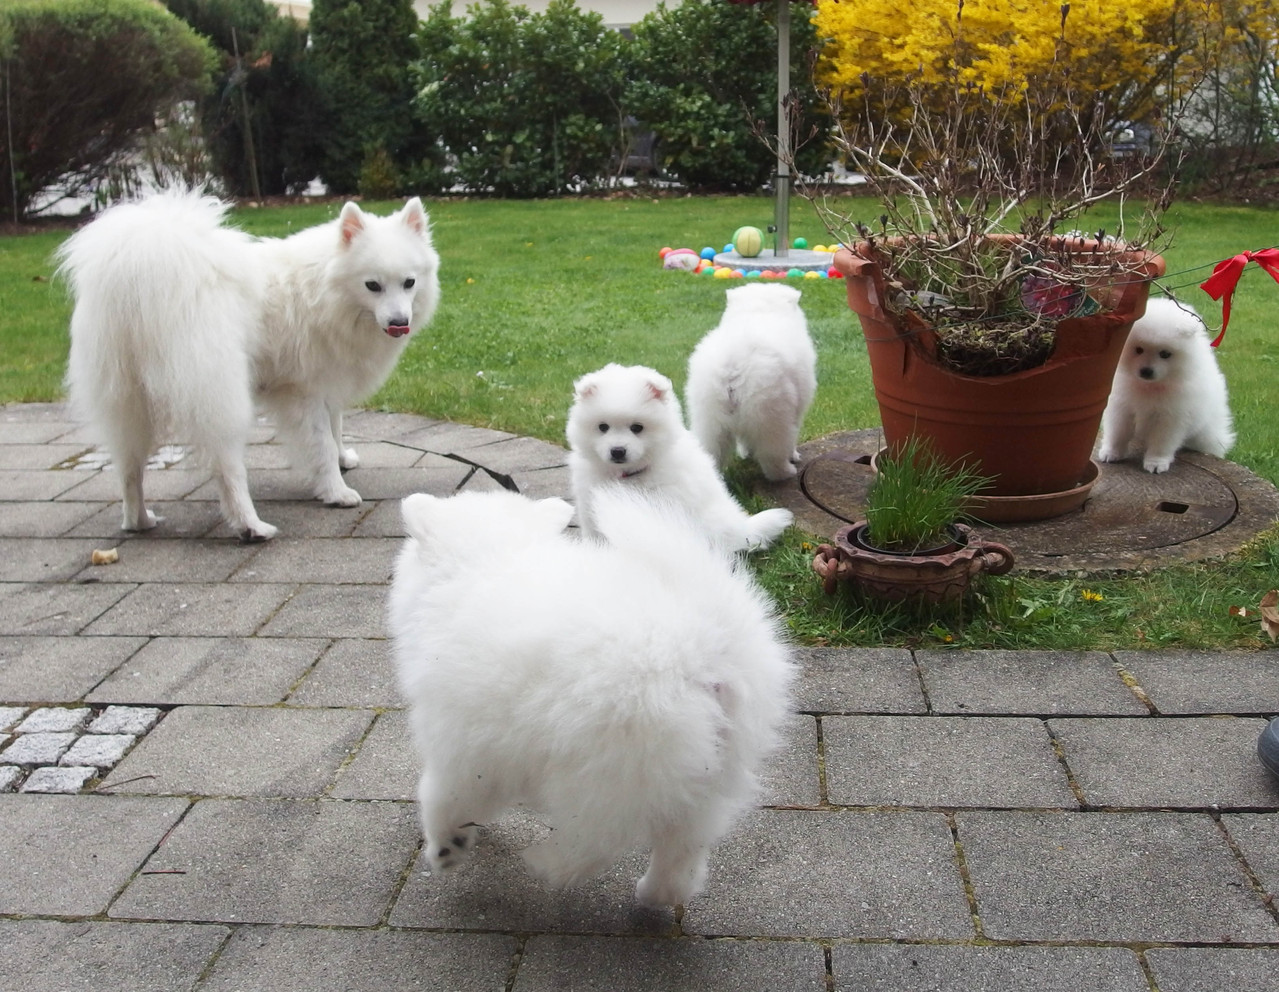 Hurra! Spielen im Garten mit der ganzen Familie!